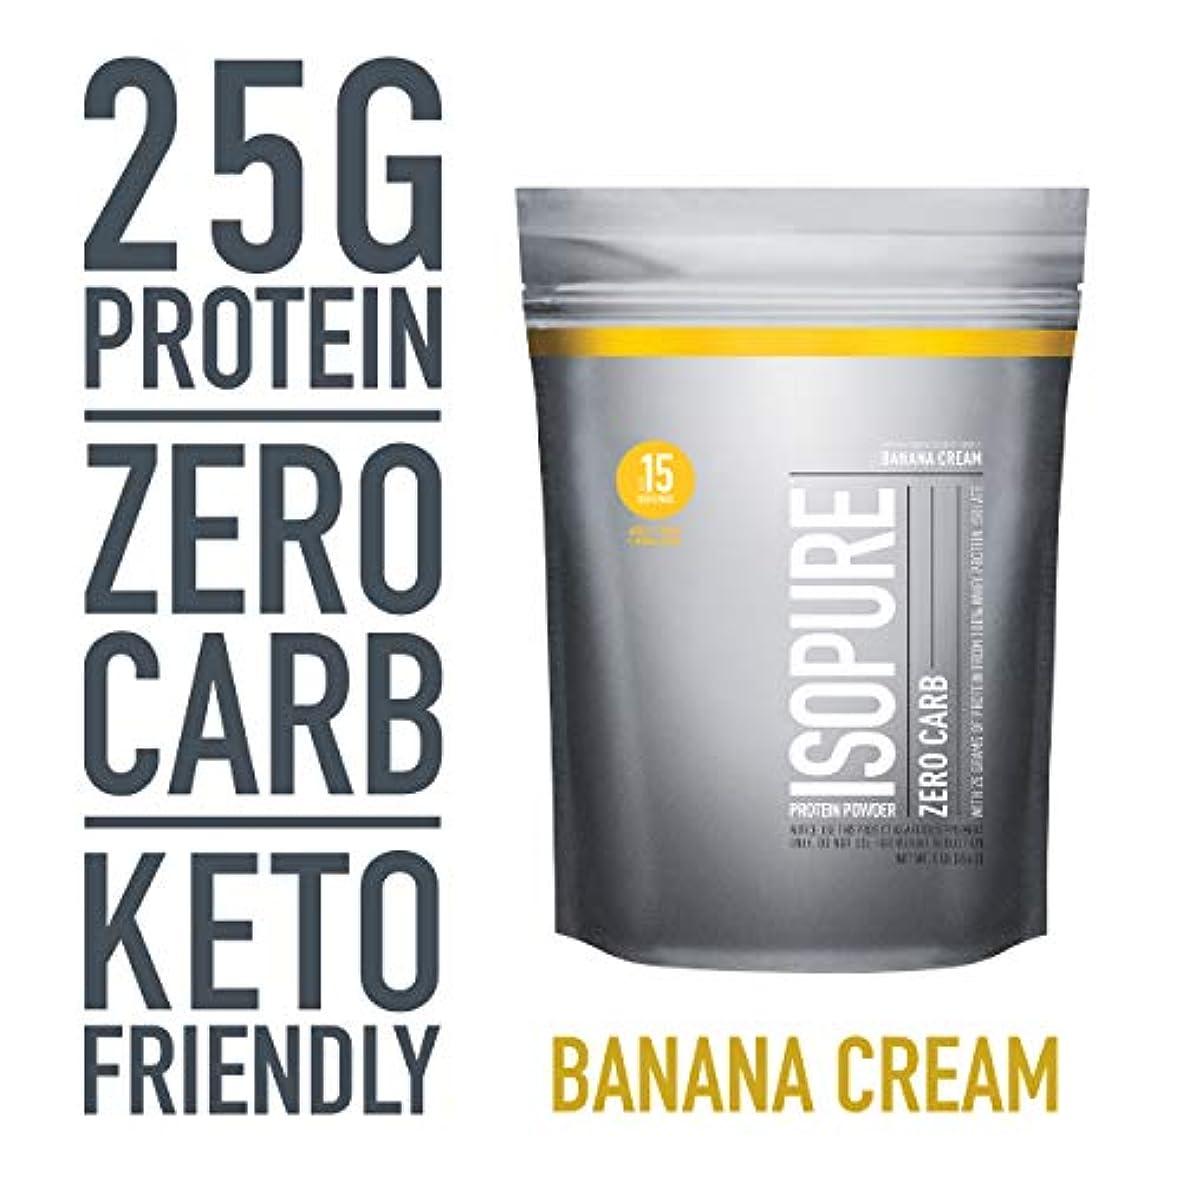 肥満避難する指紋Nature's Best - Isopure 完璧なゼロ炭水化物バナナ クリーム - 1ポンド。